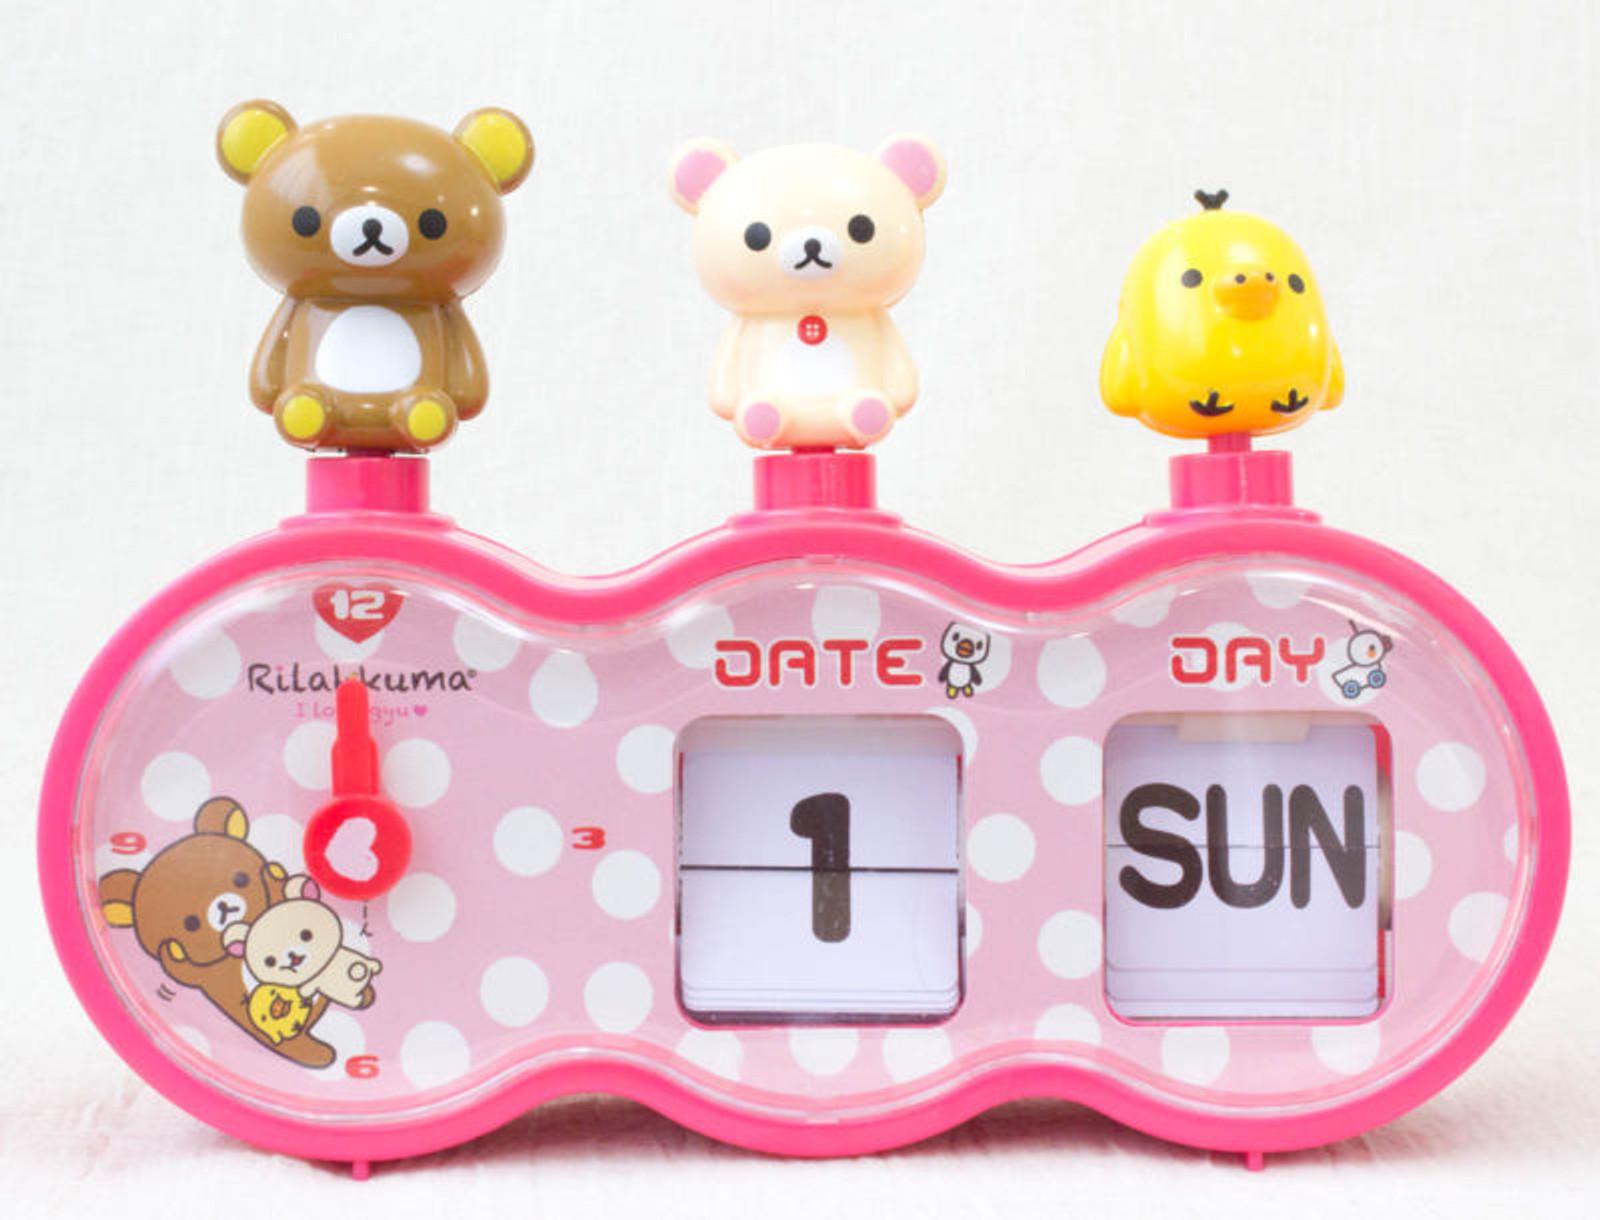 Rilakkuma Pata Pata Calender Alarm Clock Toy JAPAN ANIME MANGA